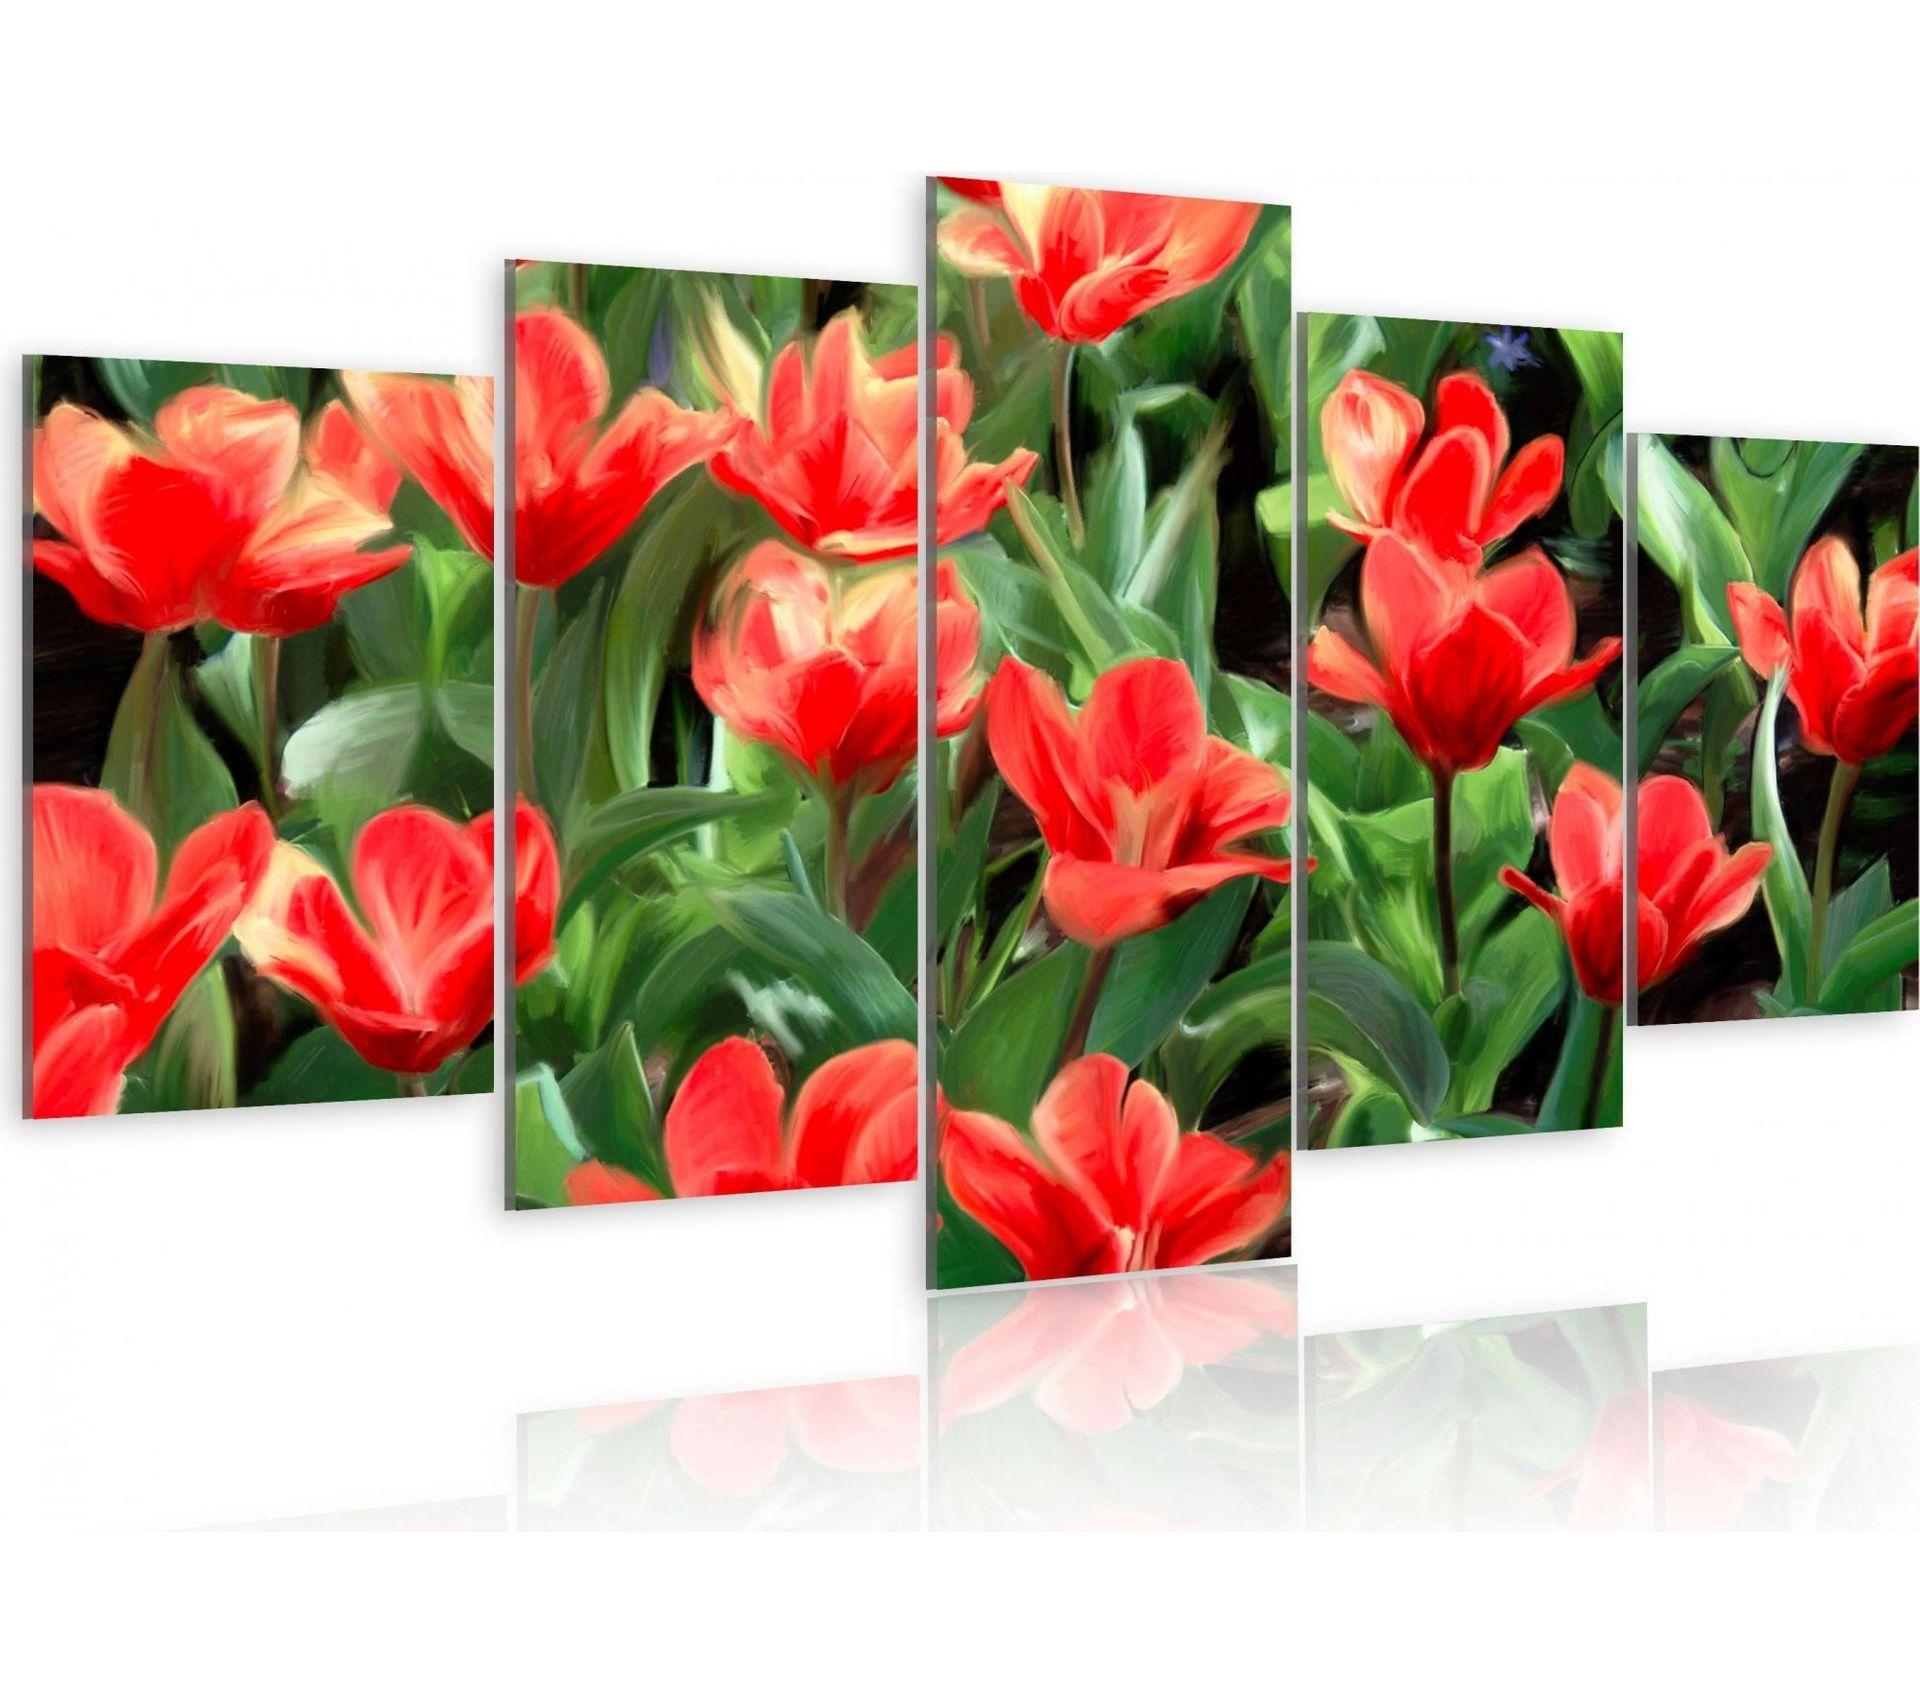 Image De Parterre De Fleurs tableau parterre de fleurs 200 x 100 cm